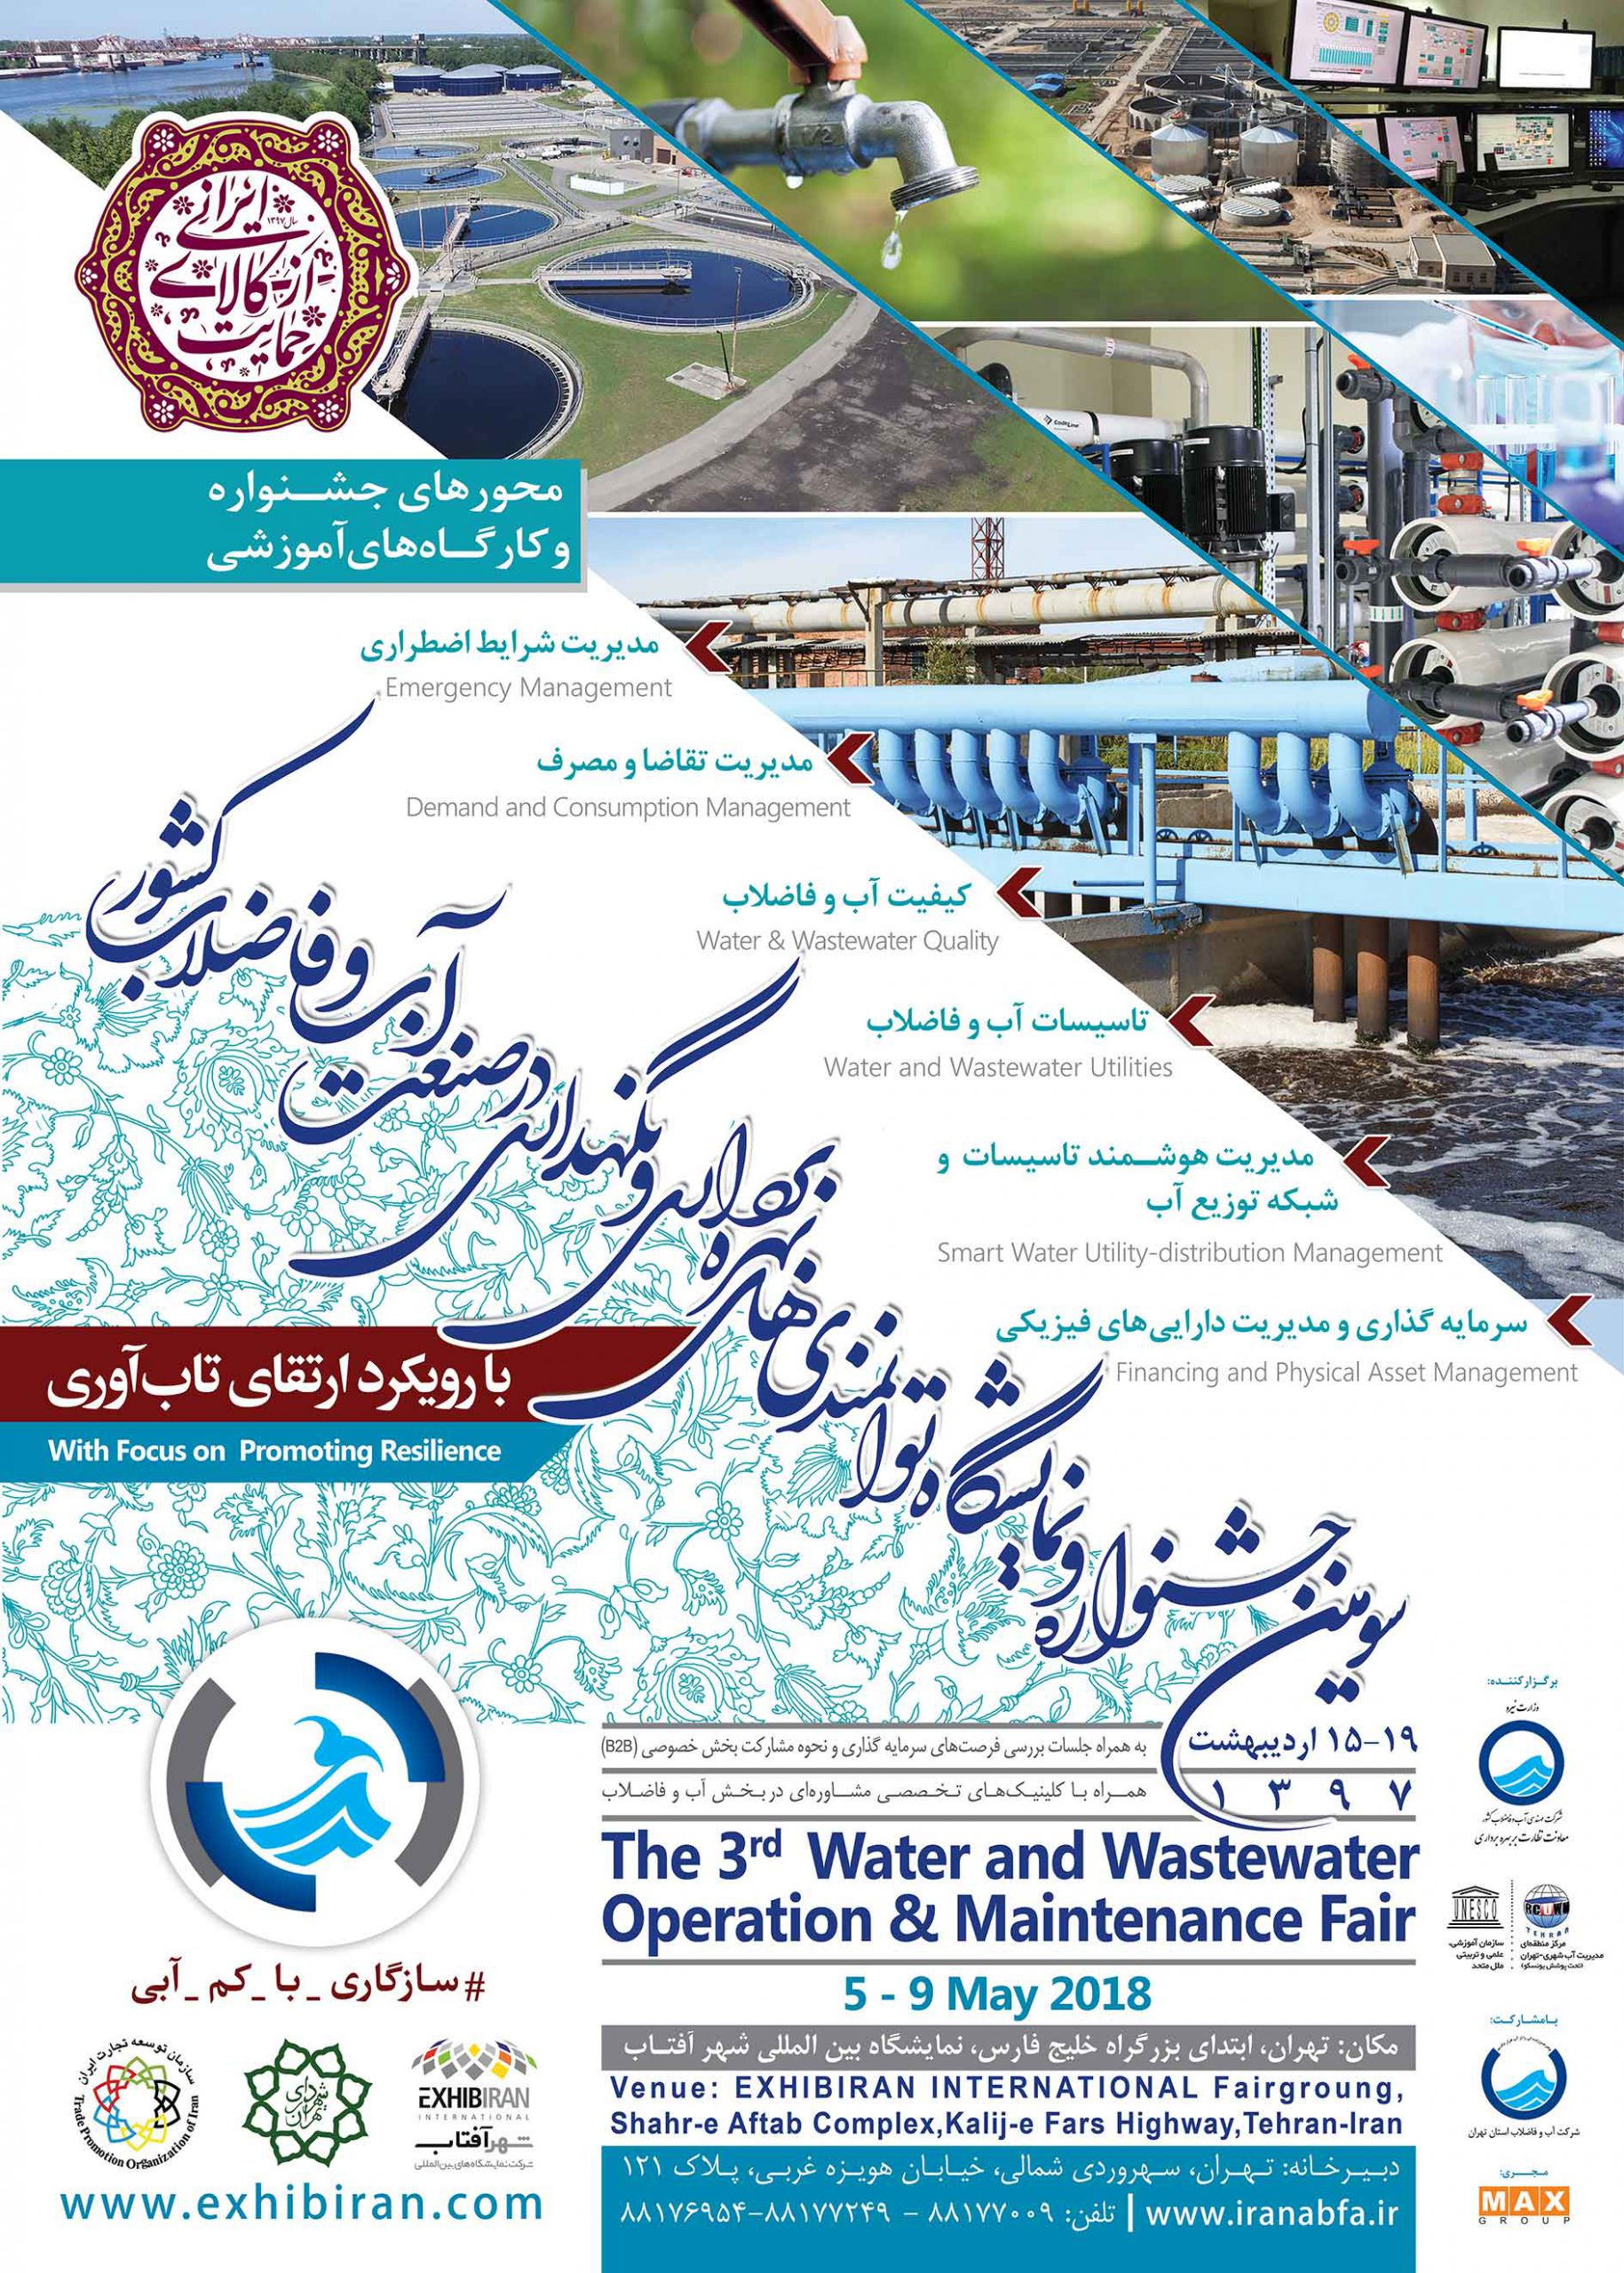 سومین جشنواره و نمایشگاه توانمنديهاي بهرهبرداري و نگهداری در صنعت آب و فاضلاب